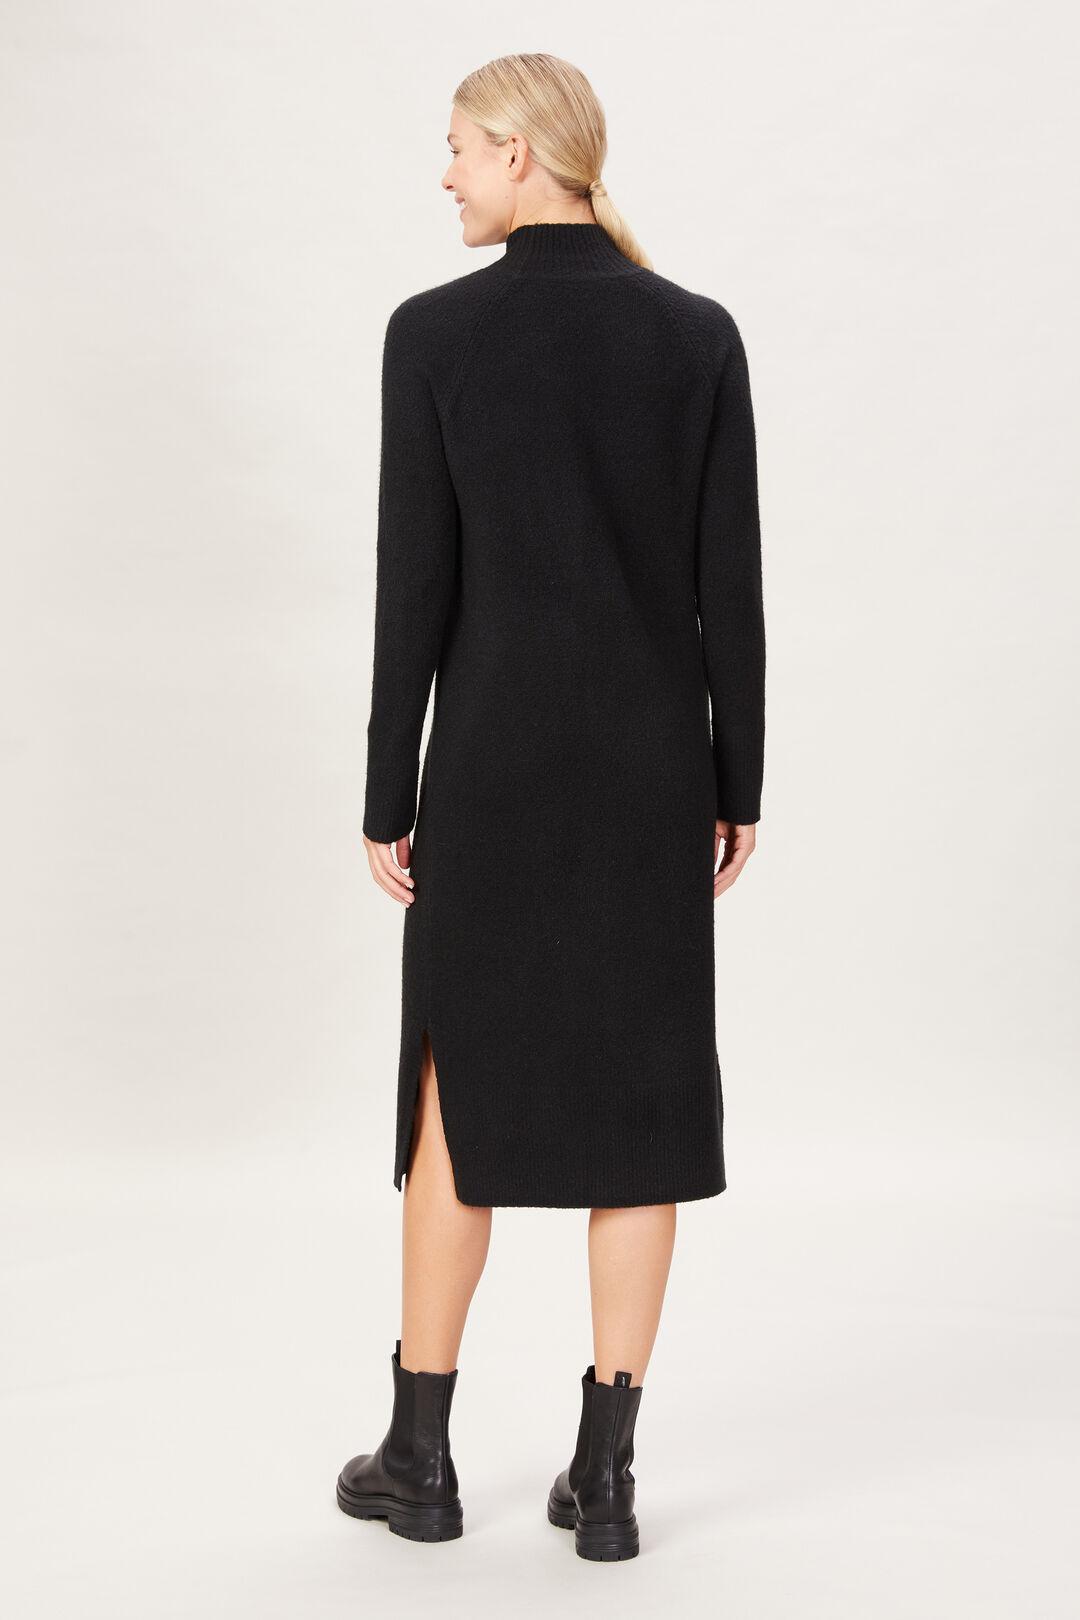 COSY HIGH NECK DRESS  BLACK  hi-res